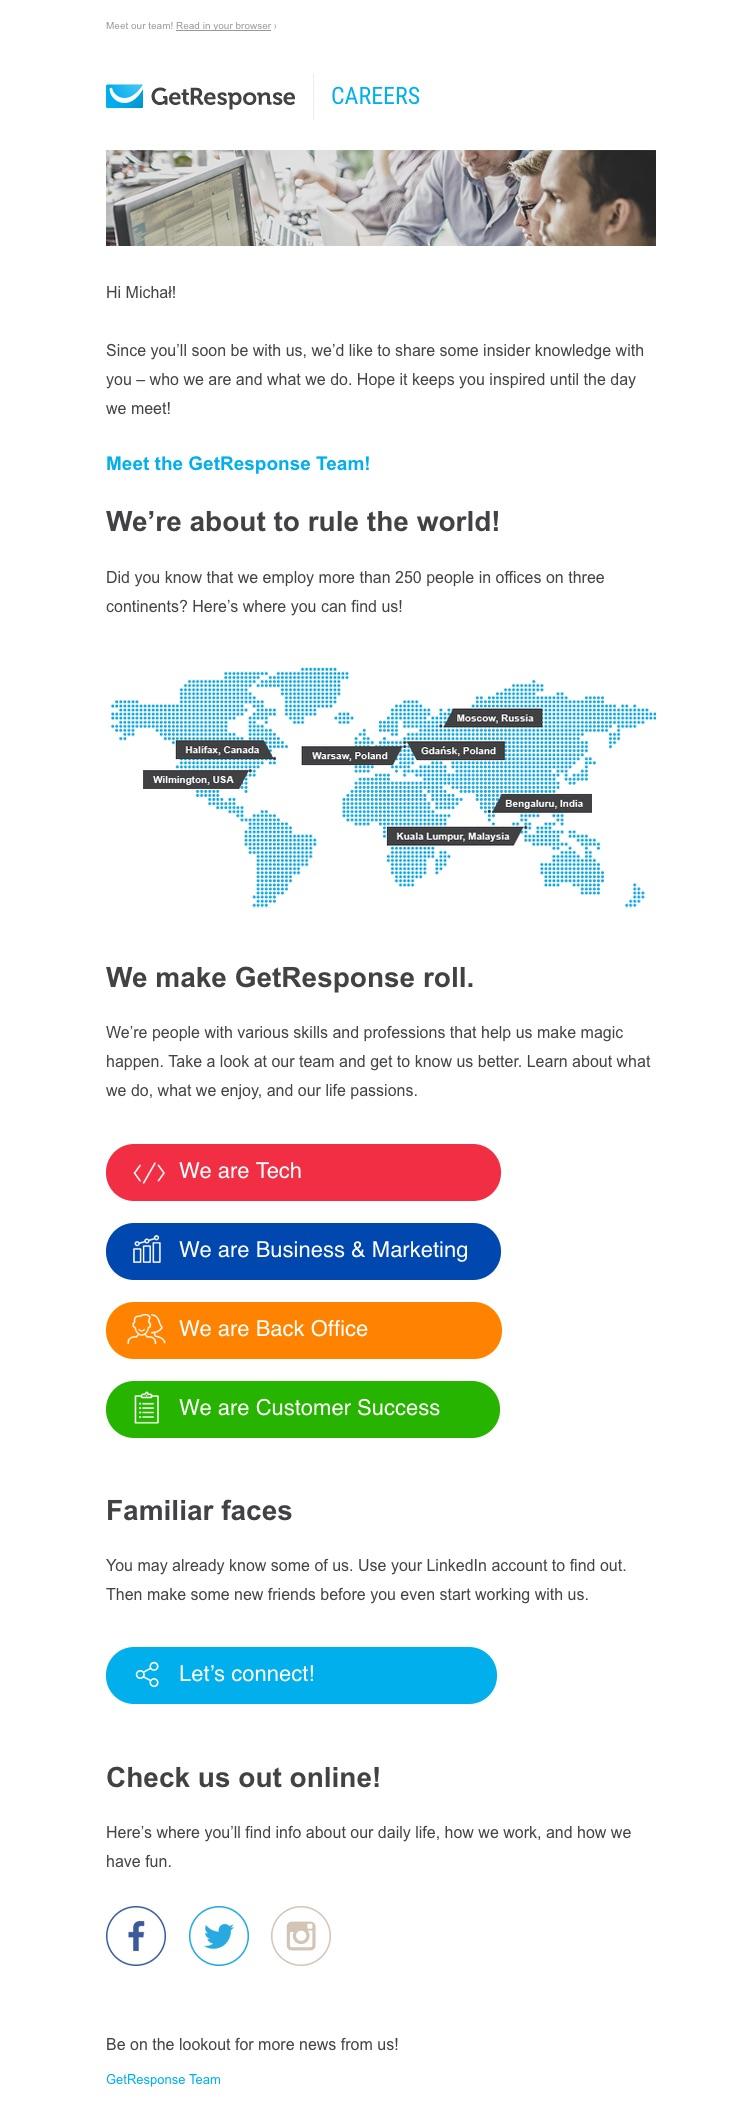 Корпоративная рассылка GetResponse онбординг